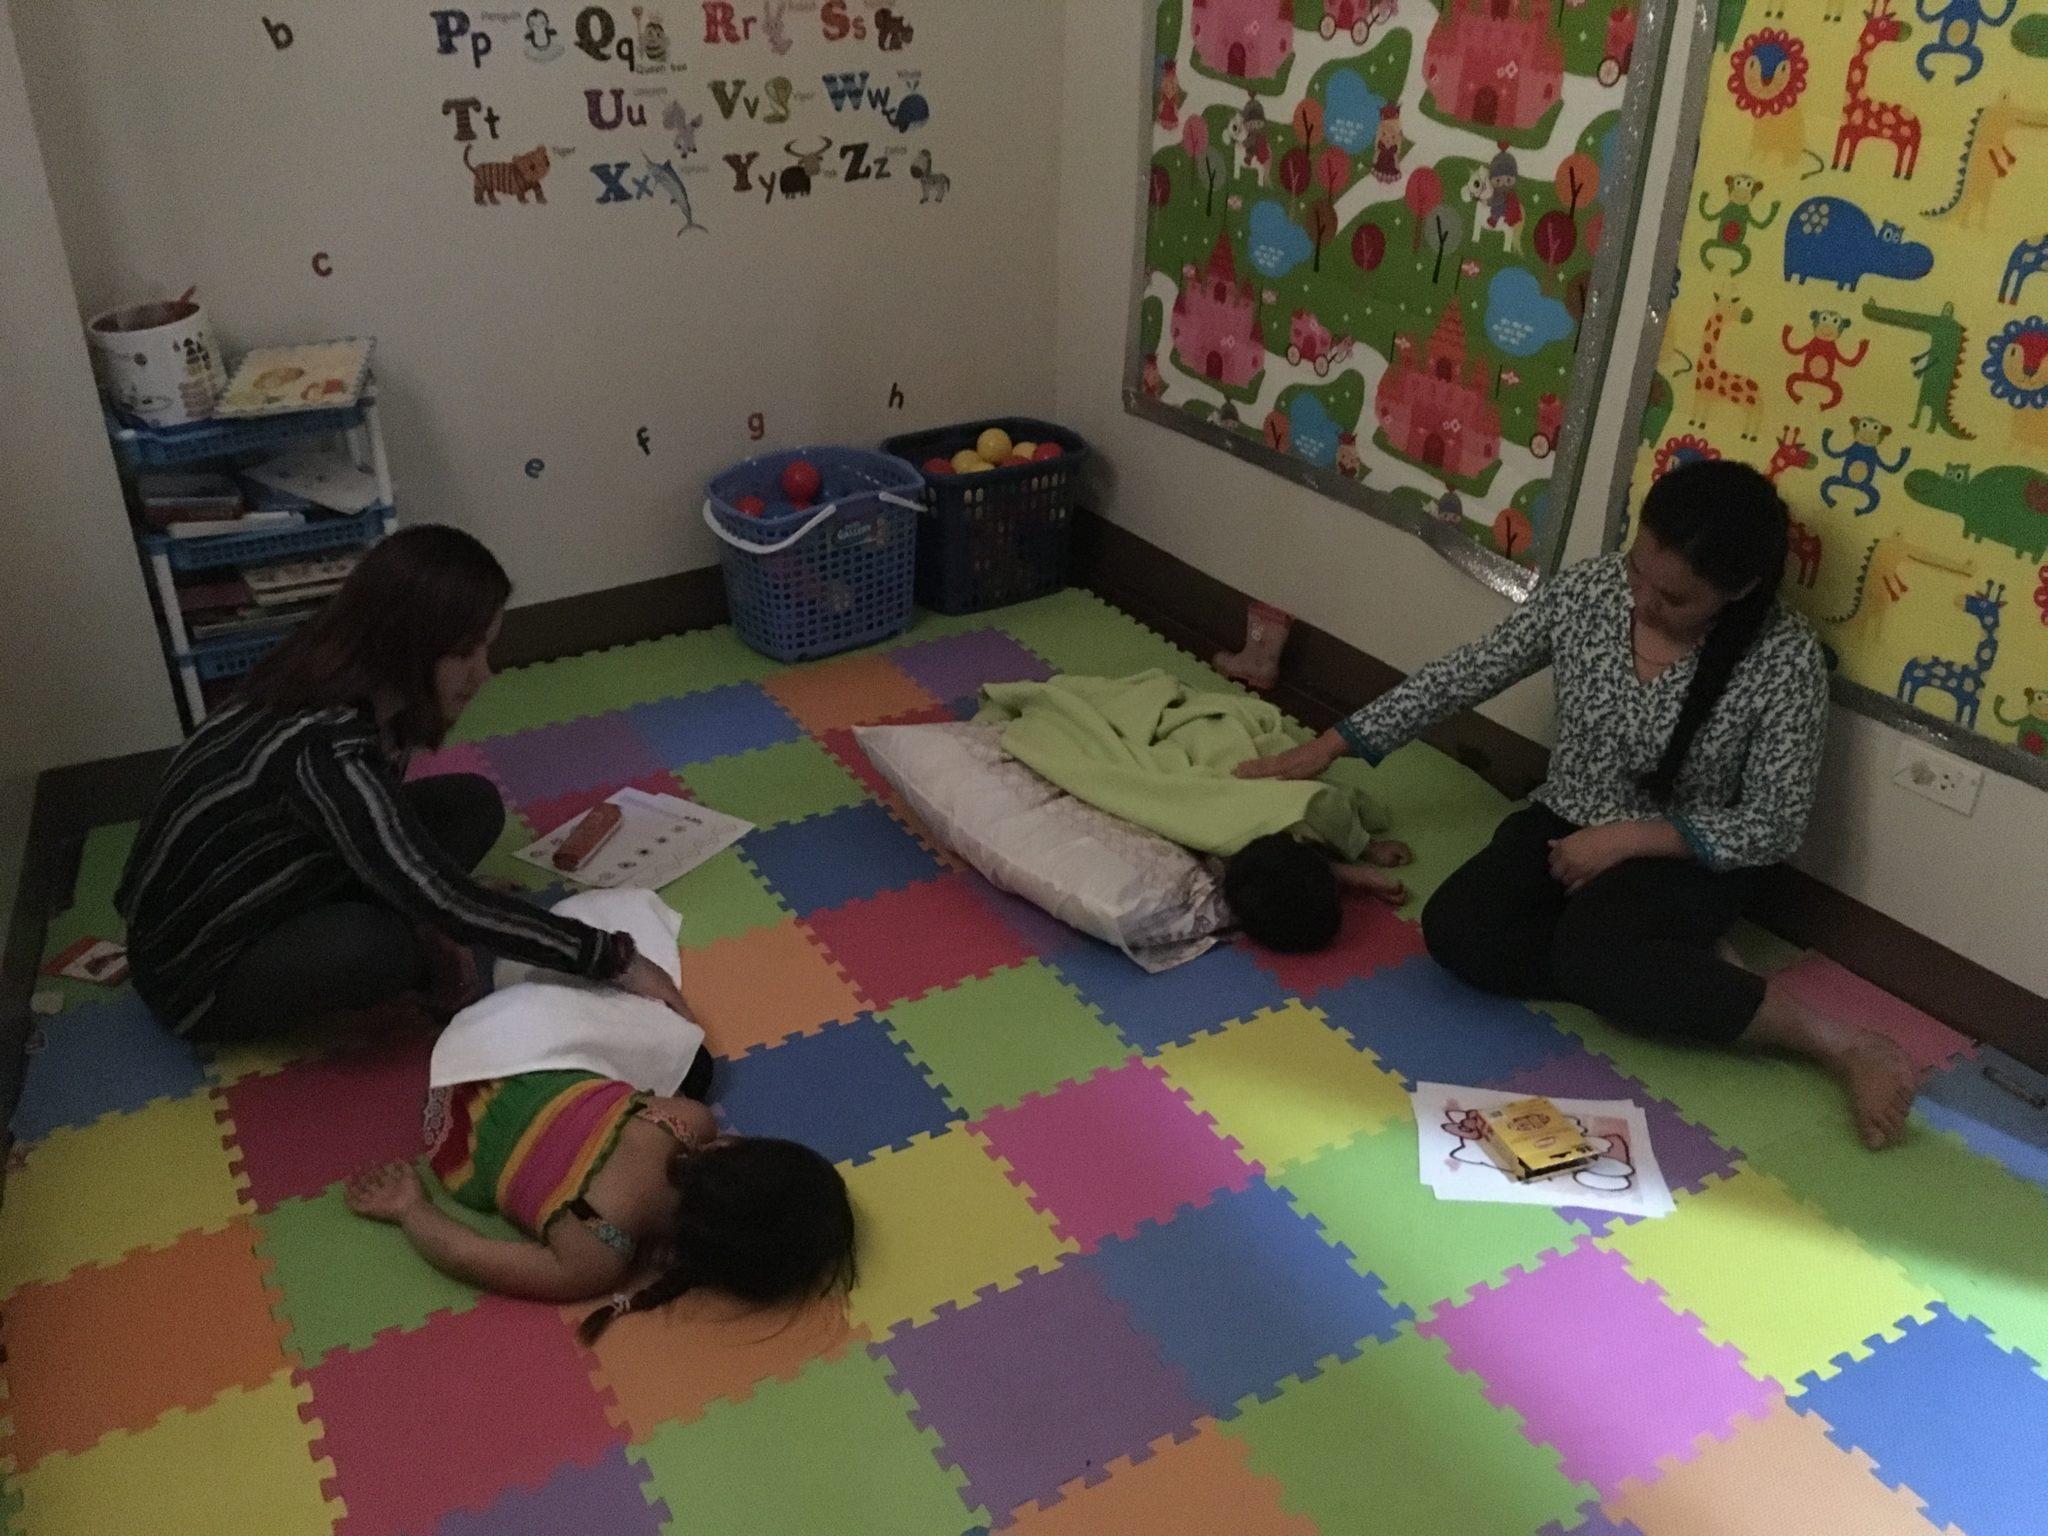 小さな子どもは、午後にベビーシッターか講師がついてお昼寝